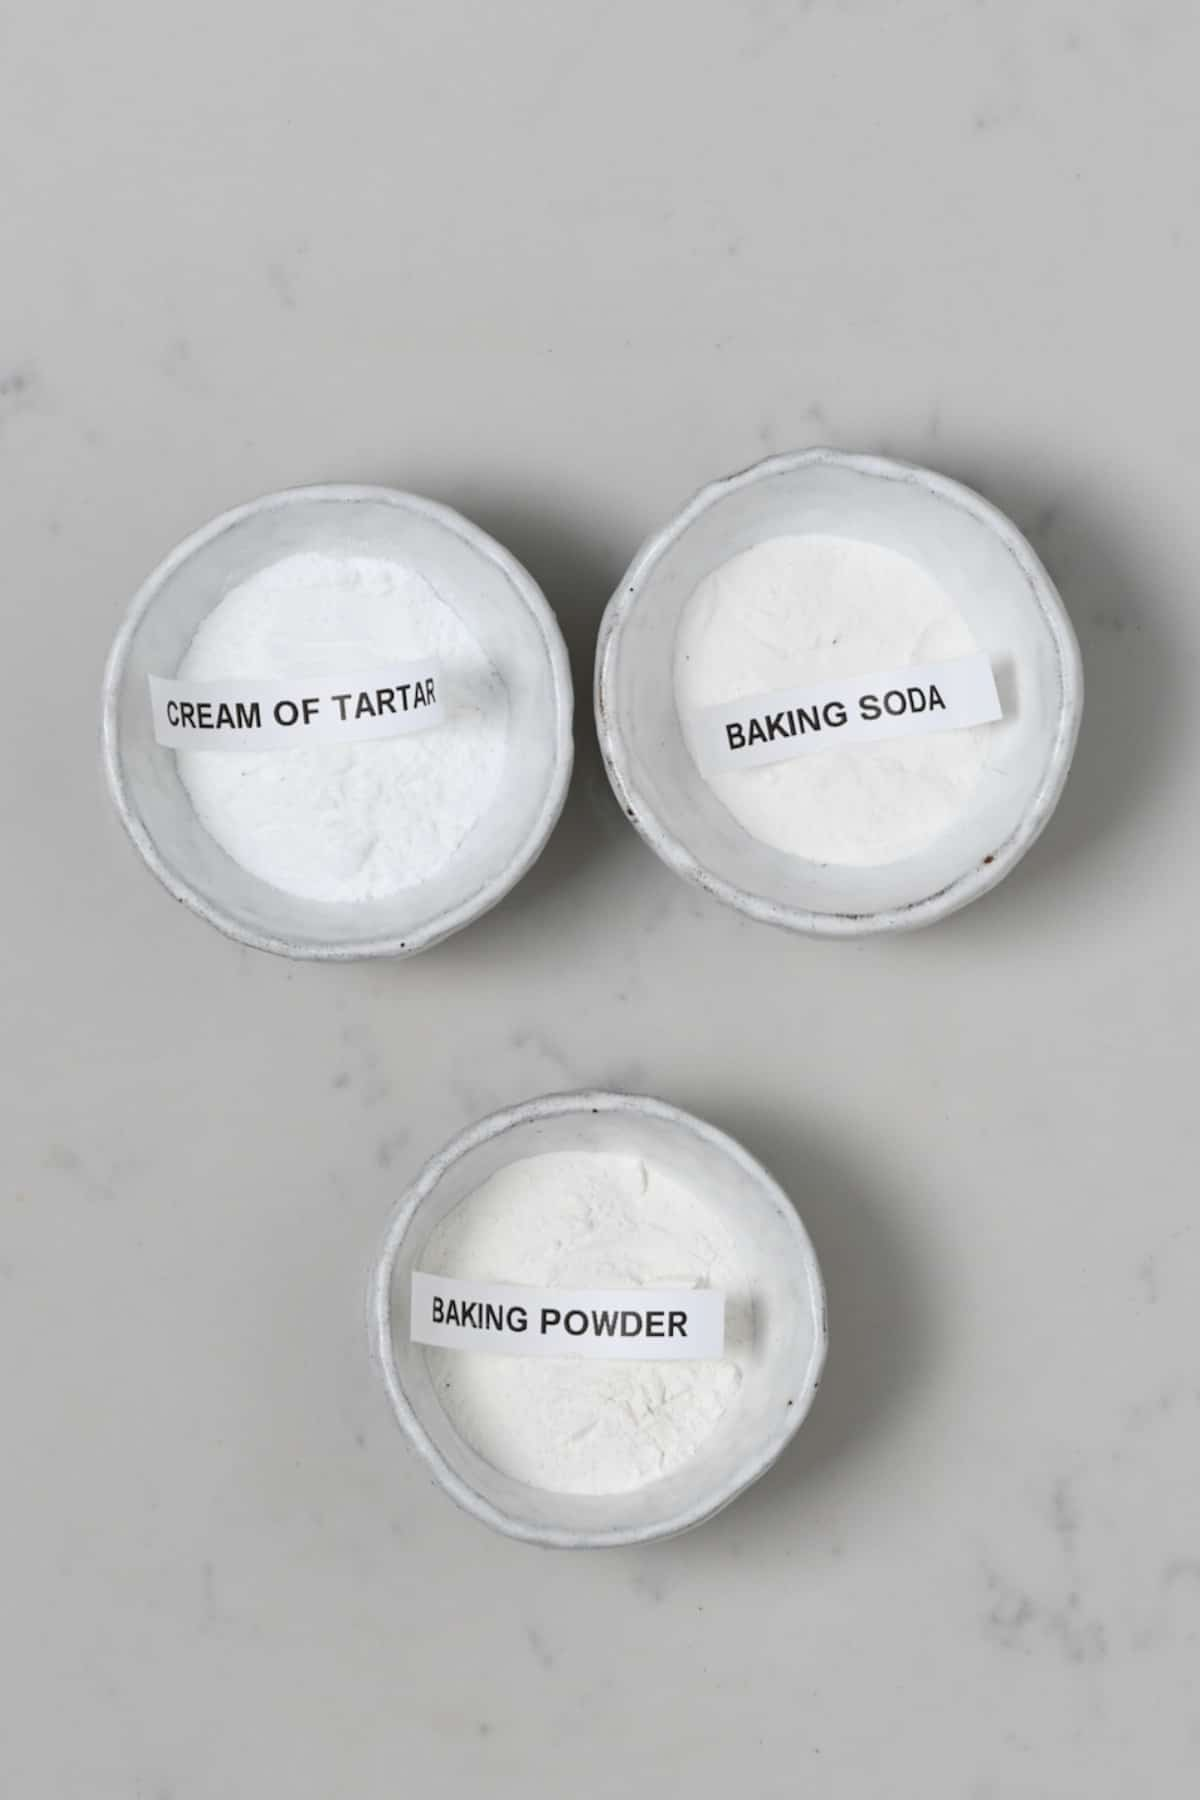 Baking soda and cream of tartar and baking powder